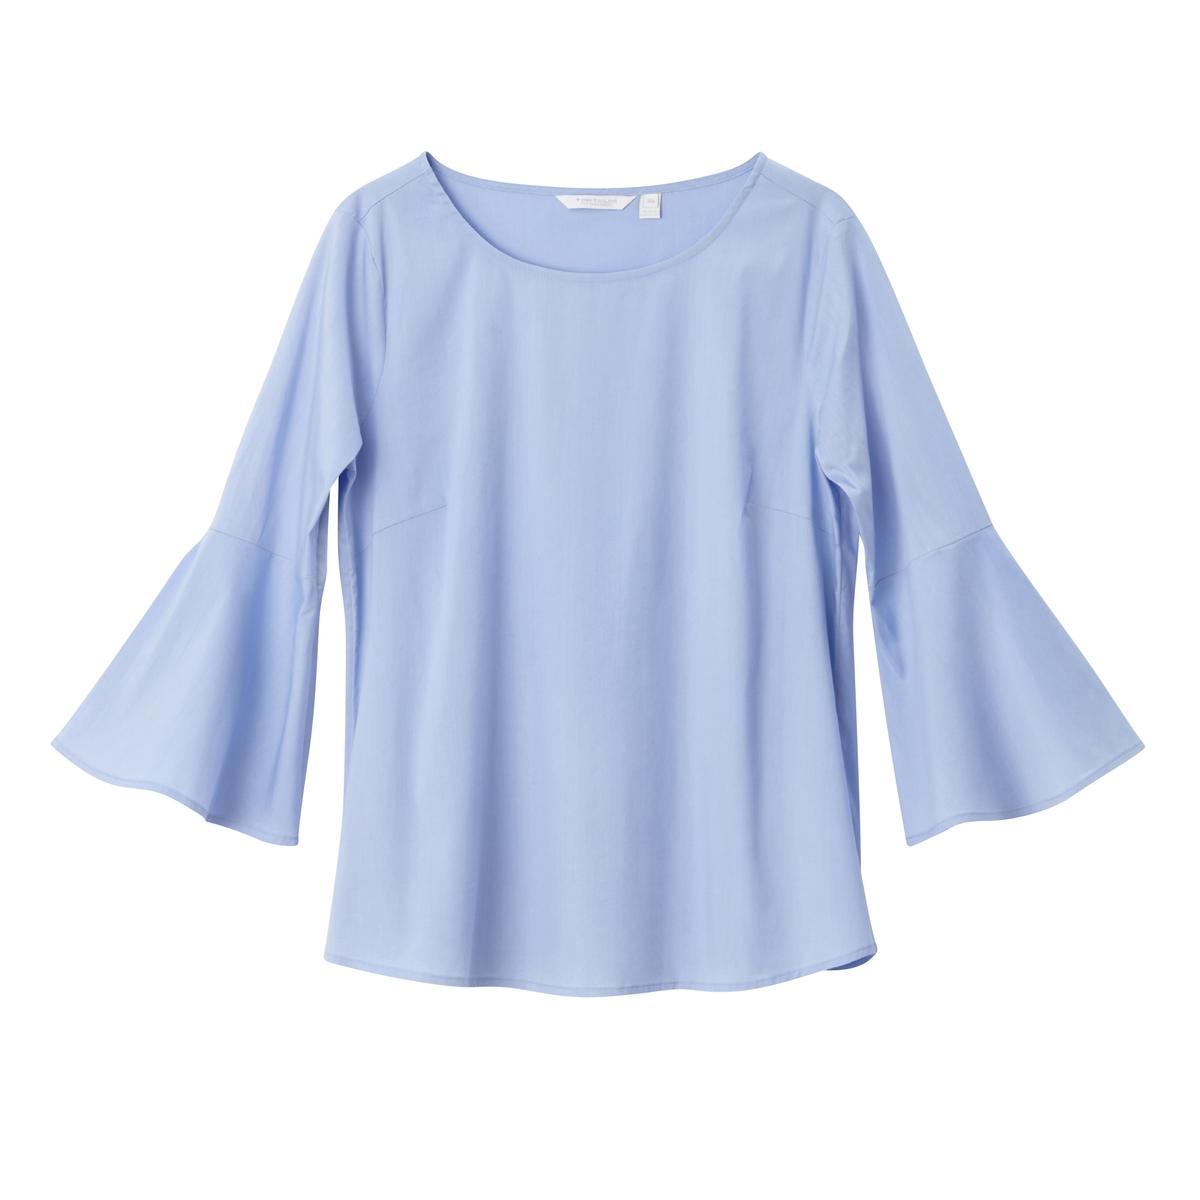 Блузка с широкими рукавами 3/4Материал : 72% хлопка, 2% эластана, 26% полиэстера   Длина рукава : рукава 3/4 Форма воротника : круглый вырез Длина блузки: стандартная  Рисунок : однотонная модель<br><br>Цвет: голубой<br>Размер: 38 (FR) - 44 (RUS)